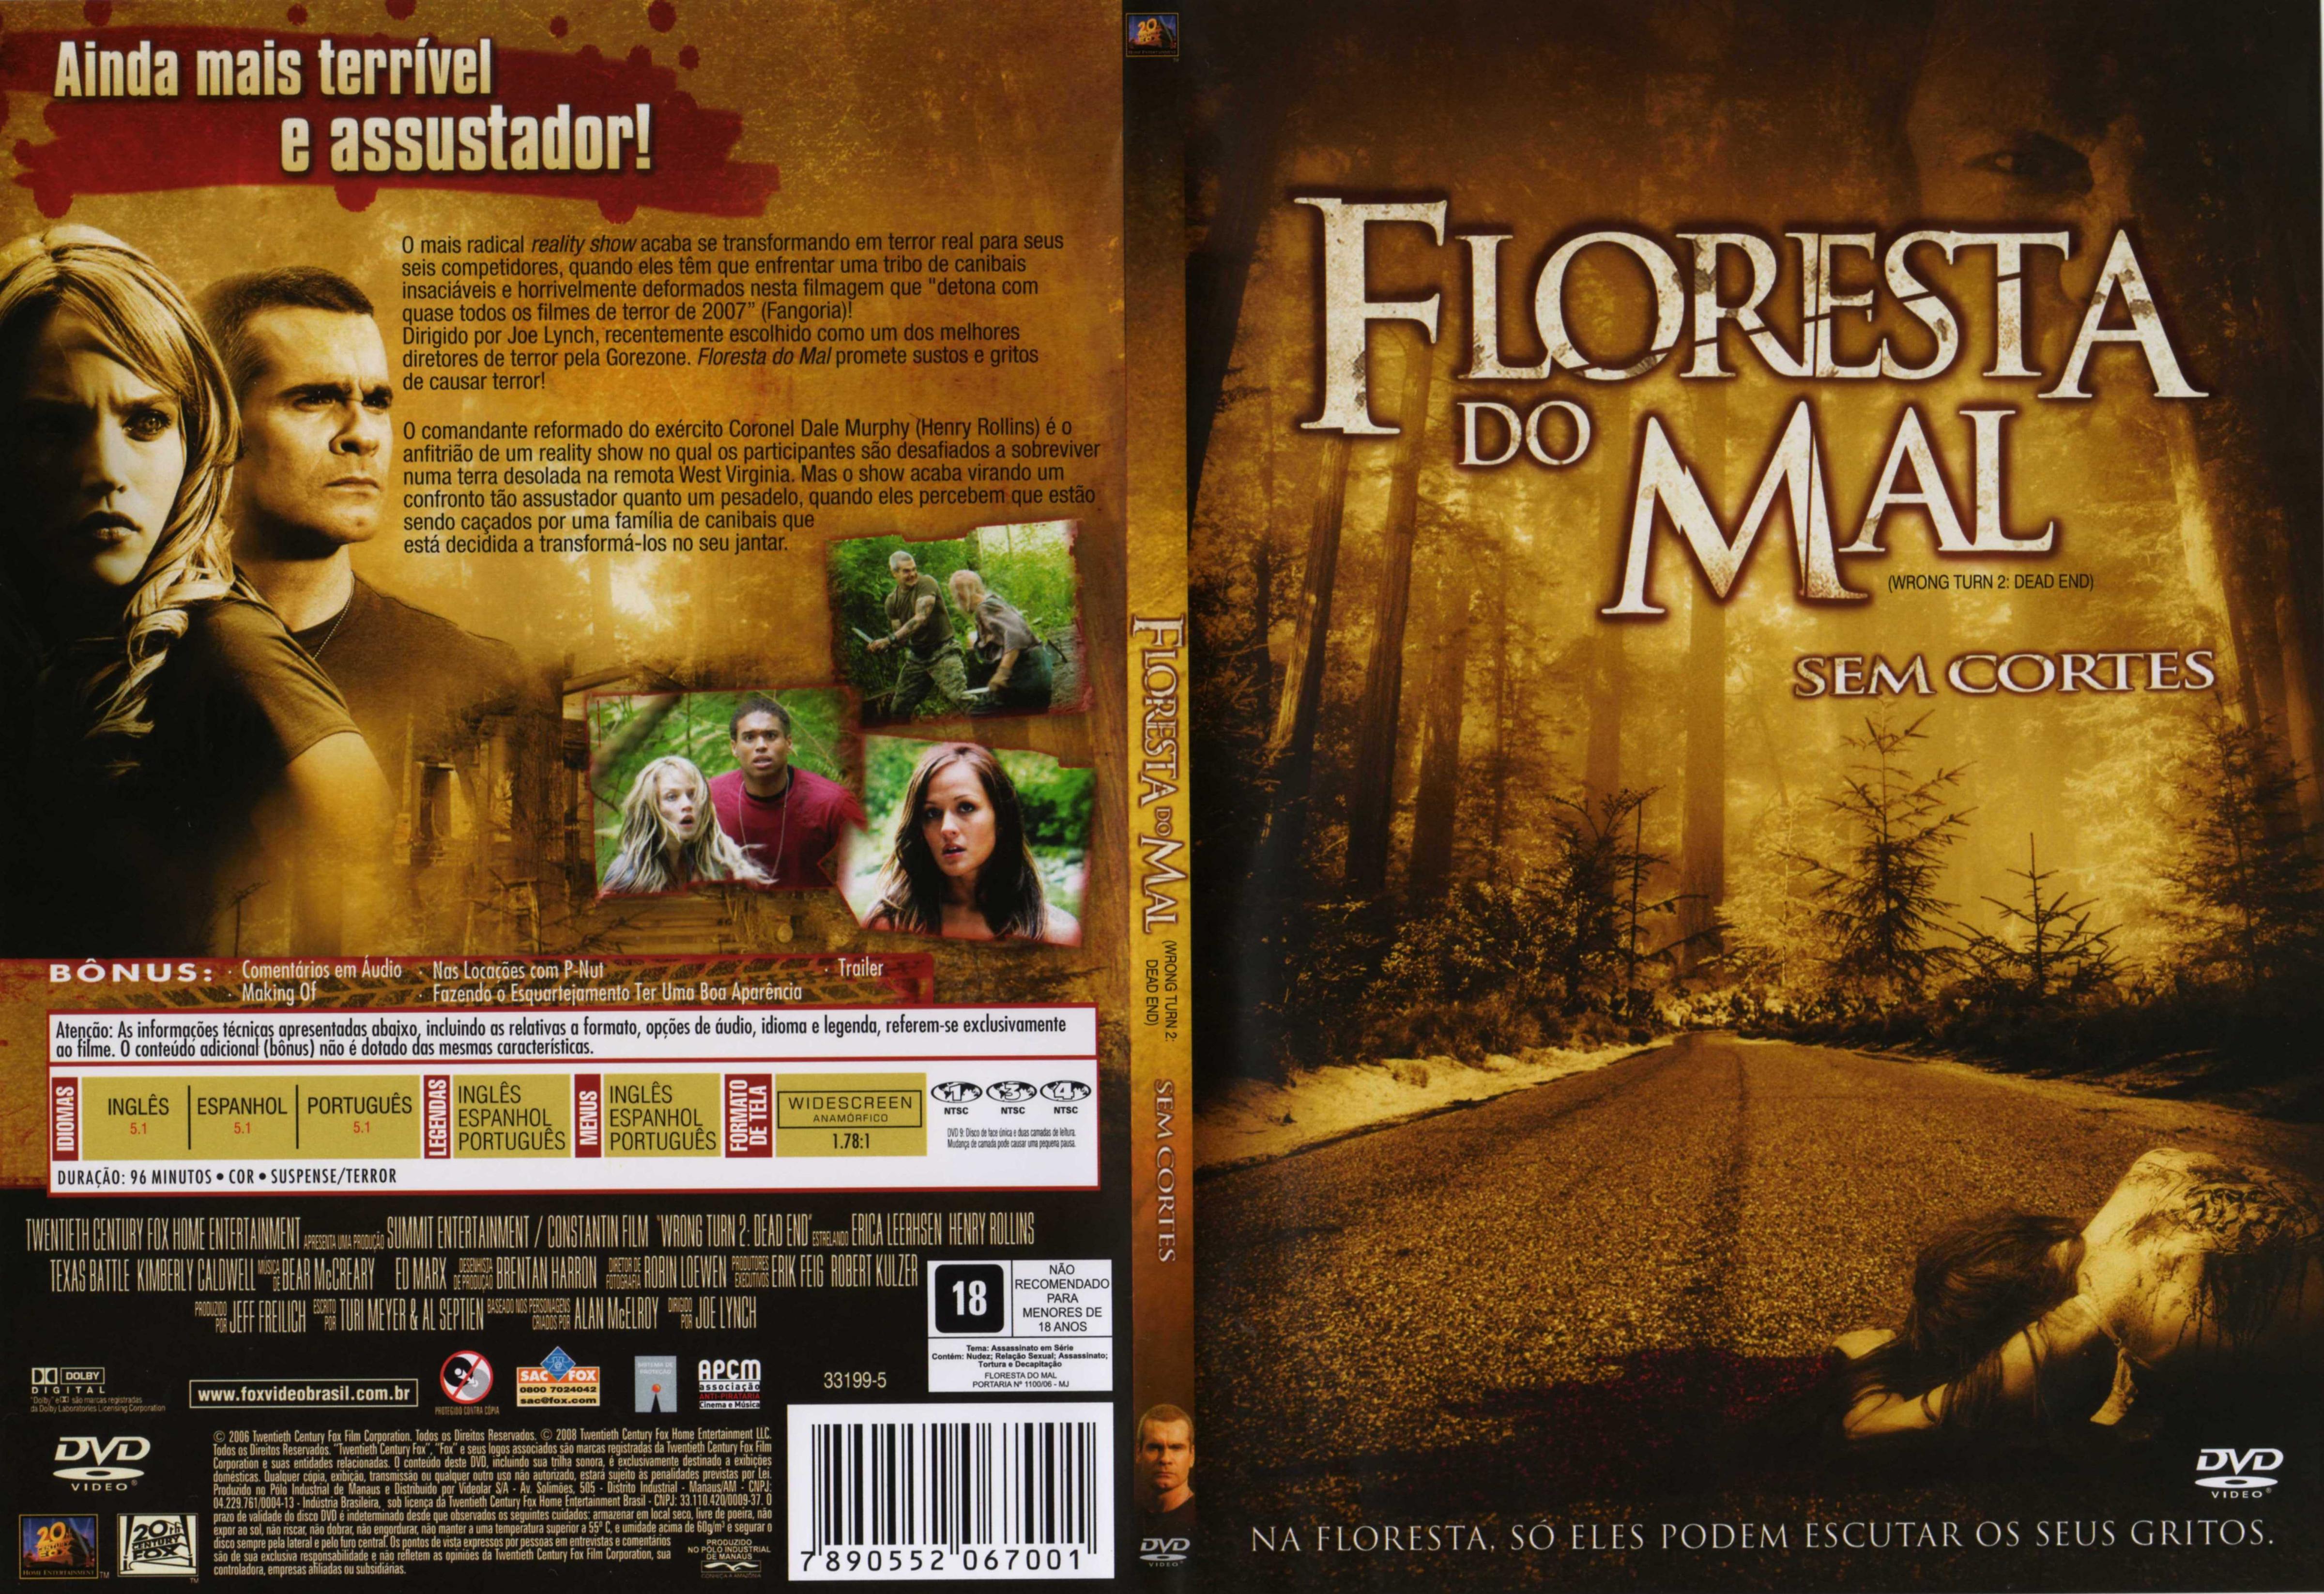 FlorestadoMal